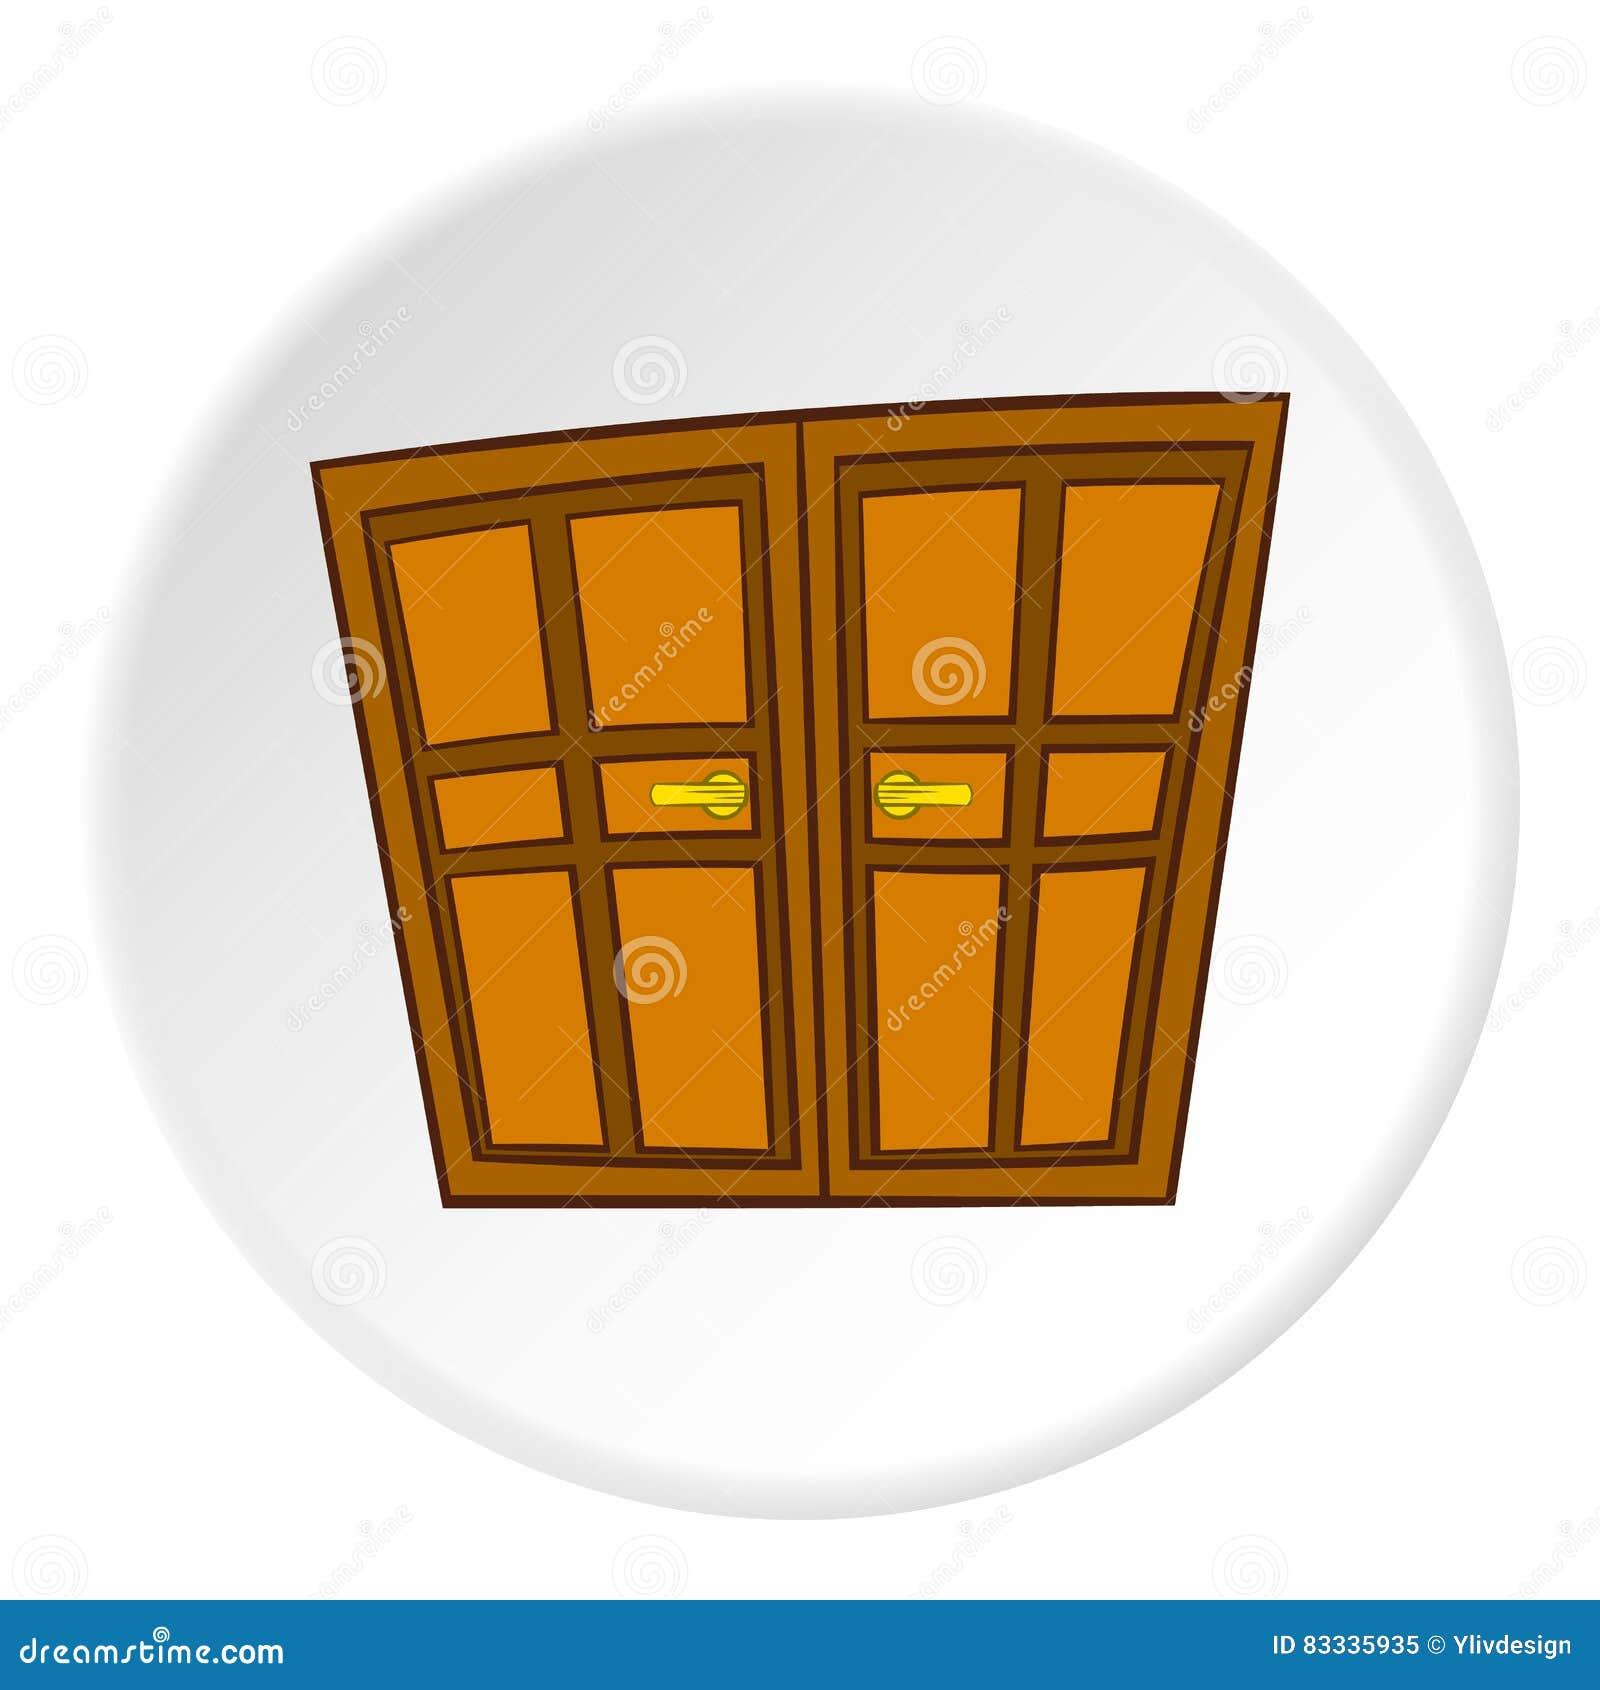 Double Door Icon, Cartoon Style Stock Vector - Illustration of house on